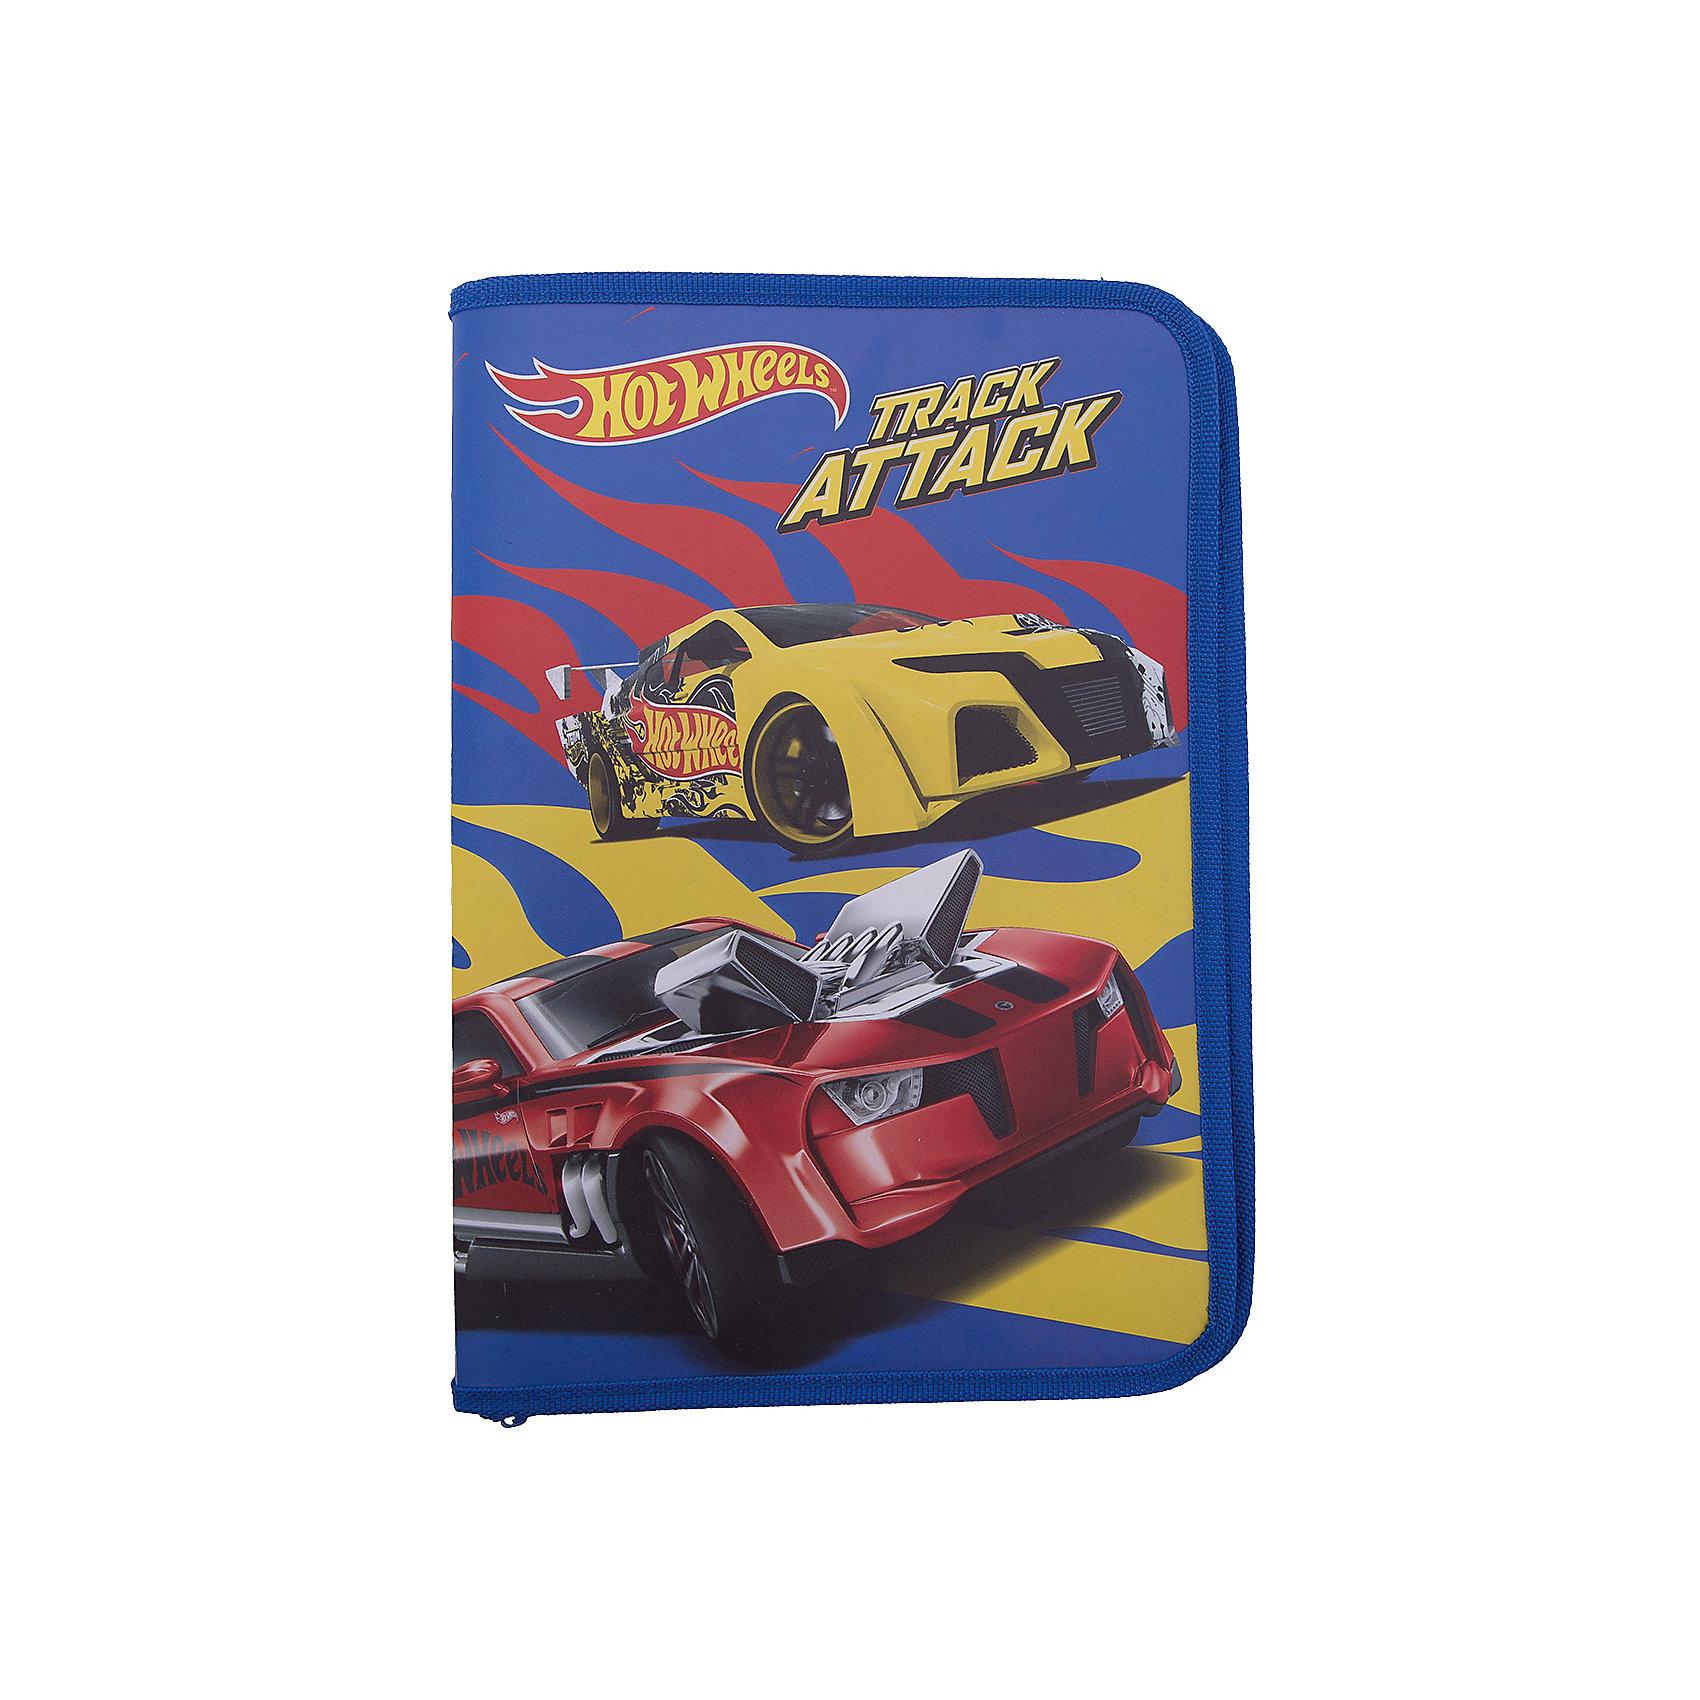 Папка пластиковая для труда А4 на молнии Mattel Hot WheelsПапки для труда<br>Характеристики товара:<br><br>• количество отделений: 1;<br>• застежка: молния;<br>• цвет: синий/красный;<br>• возраст: от 7 лет;<br>• размер: 23х33 см;<br>• формат: А4;<br>• материал: полипропилен;<br>• размер упаковки: 23х33х2,5 см;<br>• вес: 108 грамм;<br>• страна бренда: США;<br>• страна производитель: Китай.<br><br>Яркая папка с дизайном любимых Hot Wheels станет надежным помощником на уроках труда. Папка состоит из одного отделения, застегивается на трехстороннюю молнию. Изделие выполнено из прочного пластика с обрамлением из плотного капрона. Формат папки - А4.<br><br>Папку пластиковую для труда А4 на молнии Mattel Hot Wheels (Маттел Хот Вилс) можно купить в нашем интернет-магазине.<br><br>Ширина мм: 230<br>Глубина мм: 330<br>Высота мм: 25<br>Вес г: 108<br>Возраст от месяцев: 36<br>Возраст до месяцев: 108<br>Пол: Мужской<br>Возраст: Детский<br>SKU: 7029917